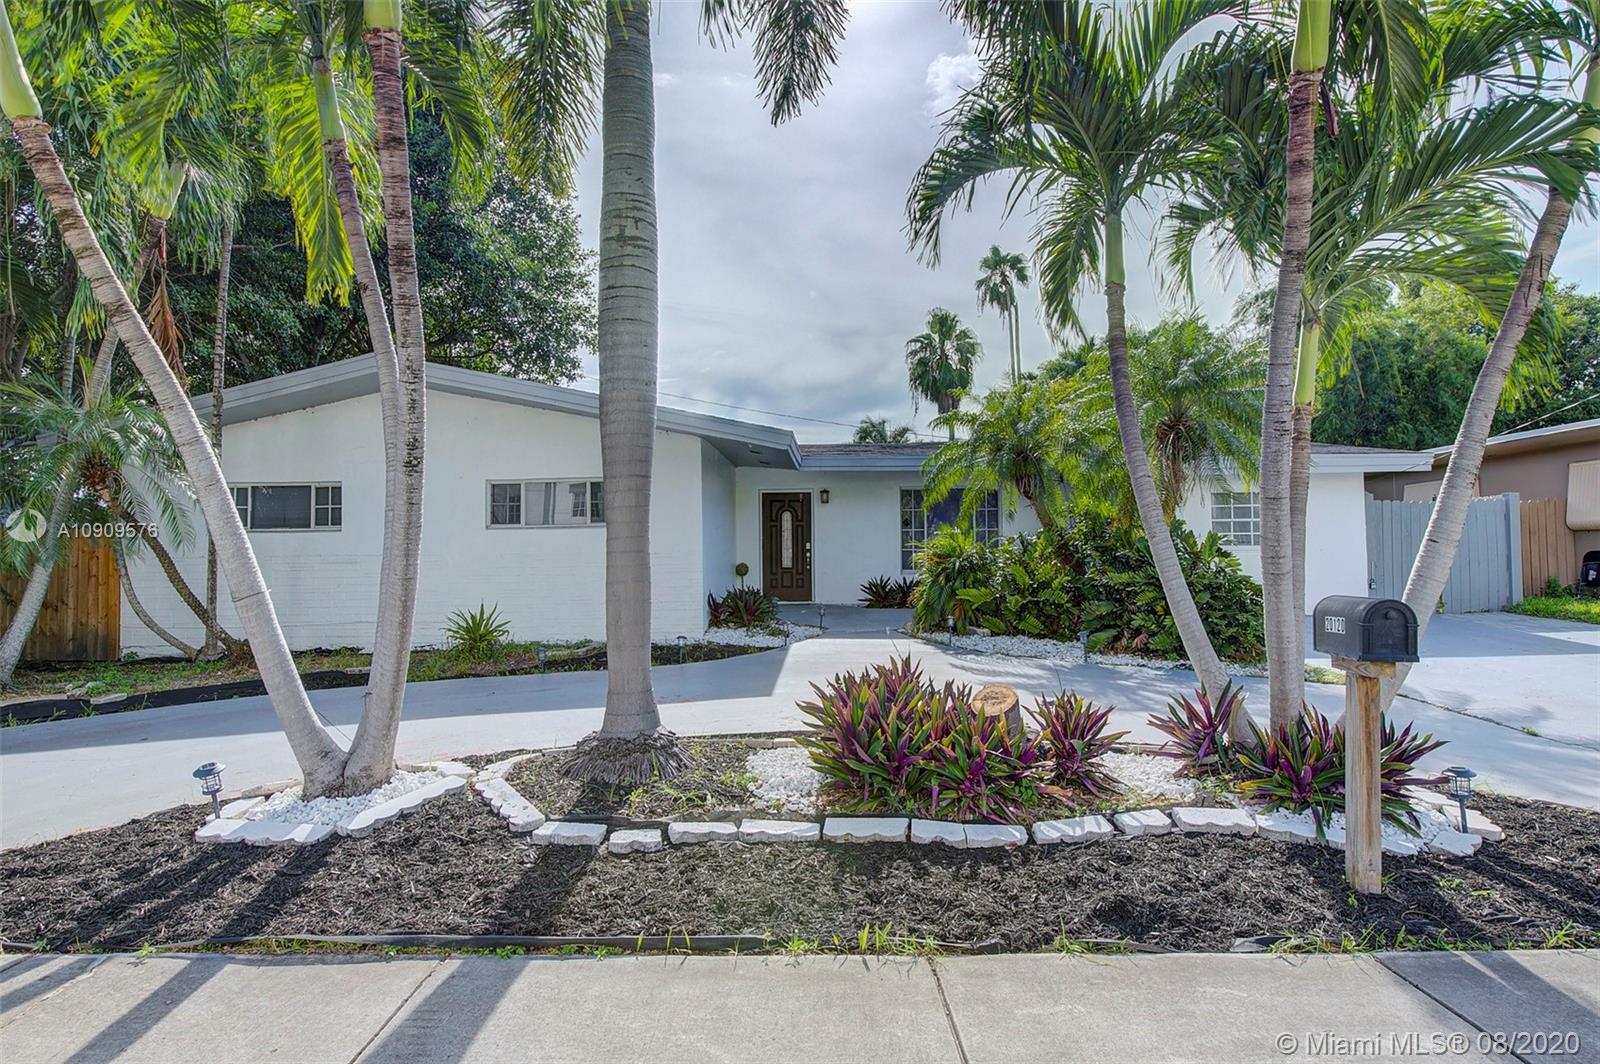 20120 NE 26th Ave, Miami FL 33180